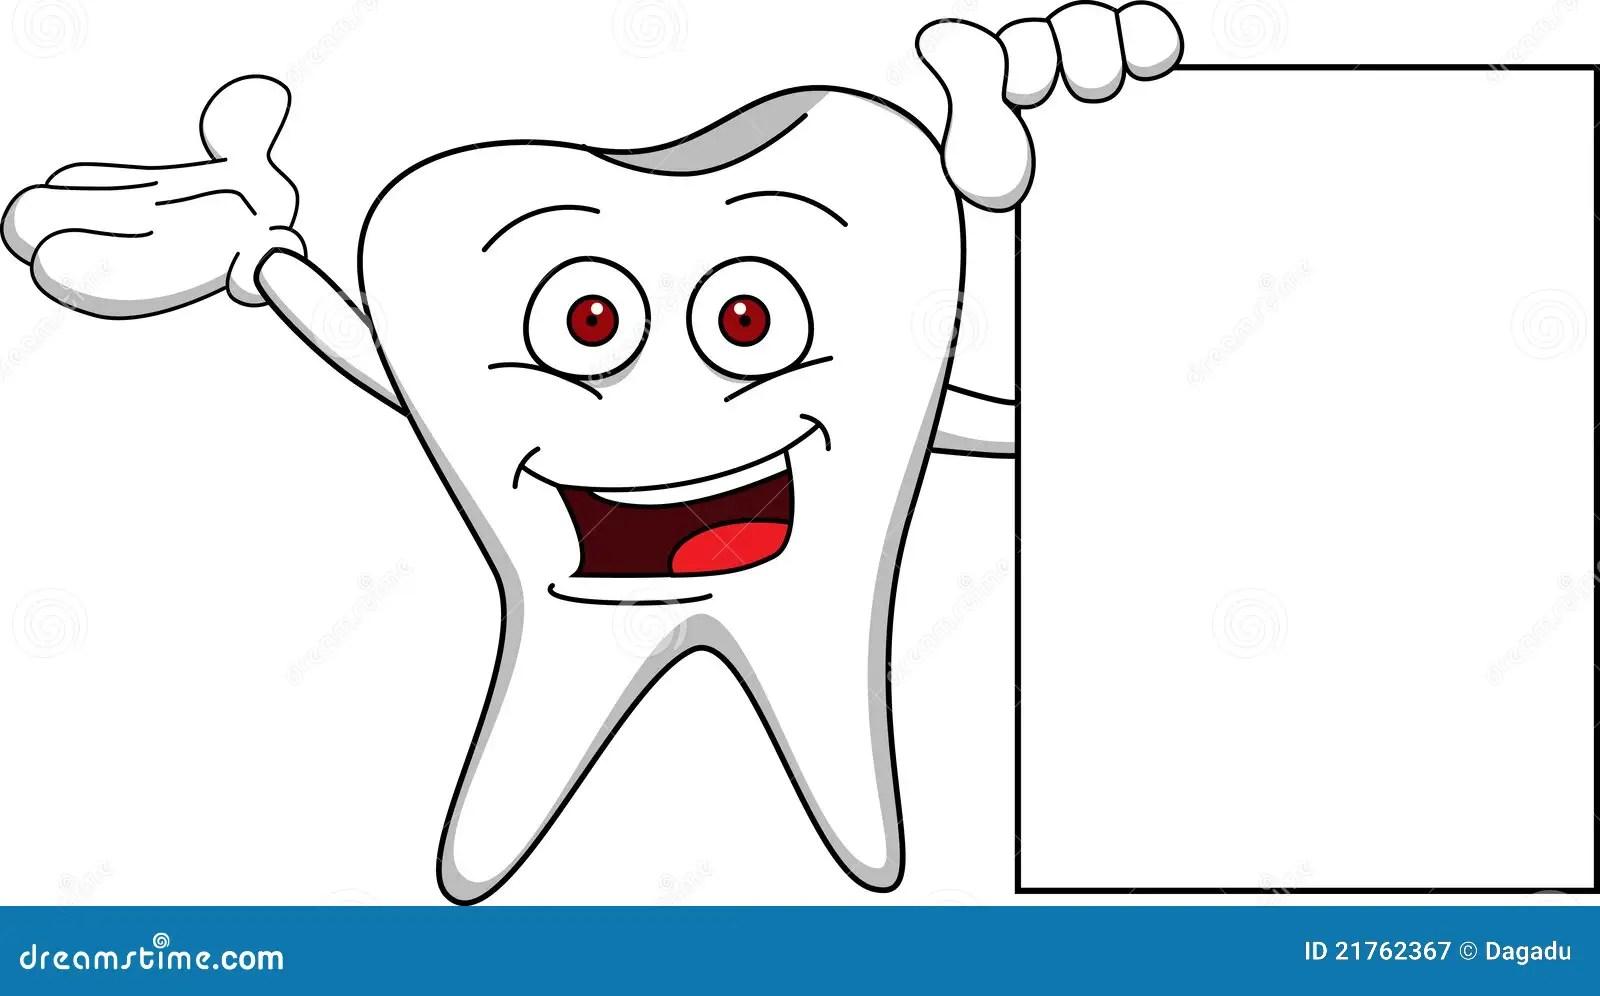 Tooth Cartoon Stock Vector Illustration Of Blank Dentist